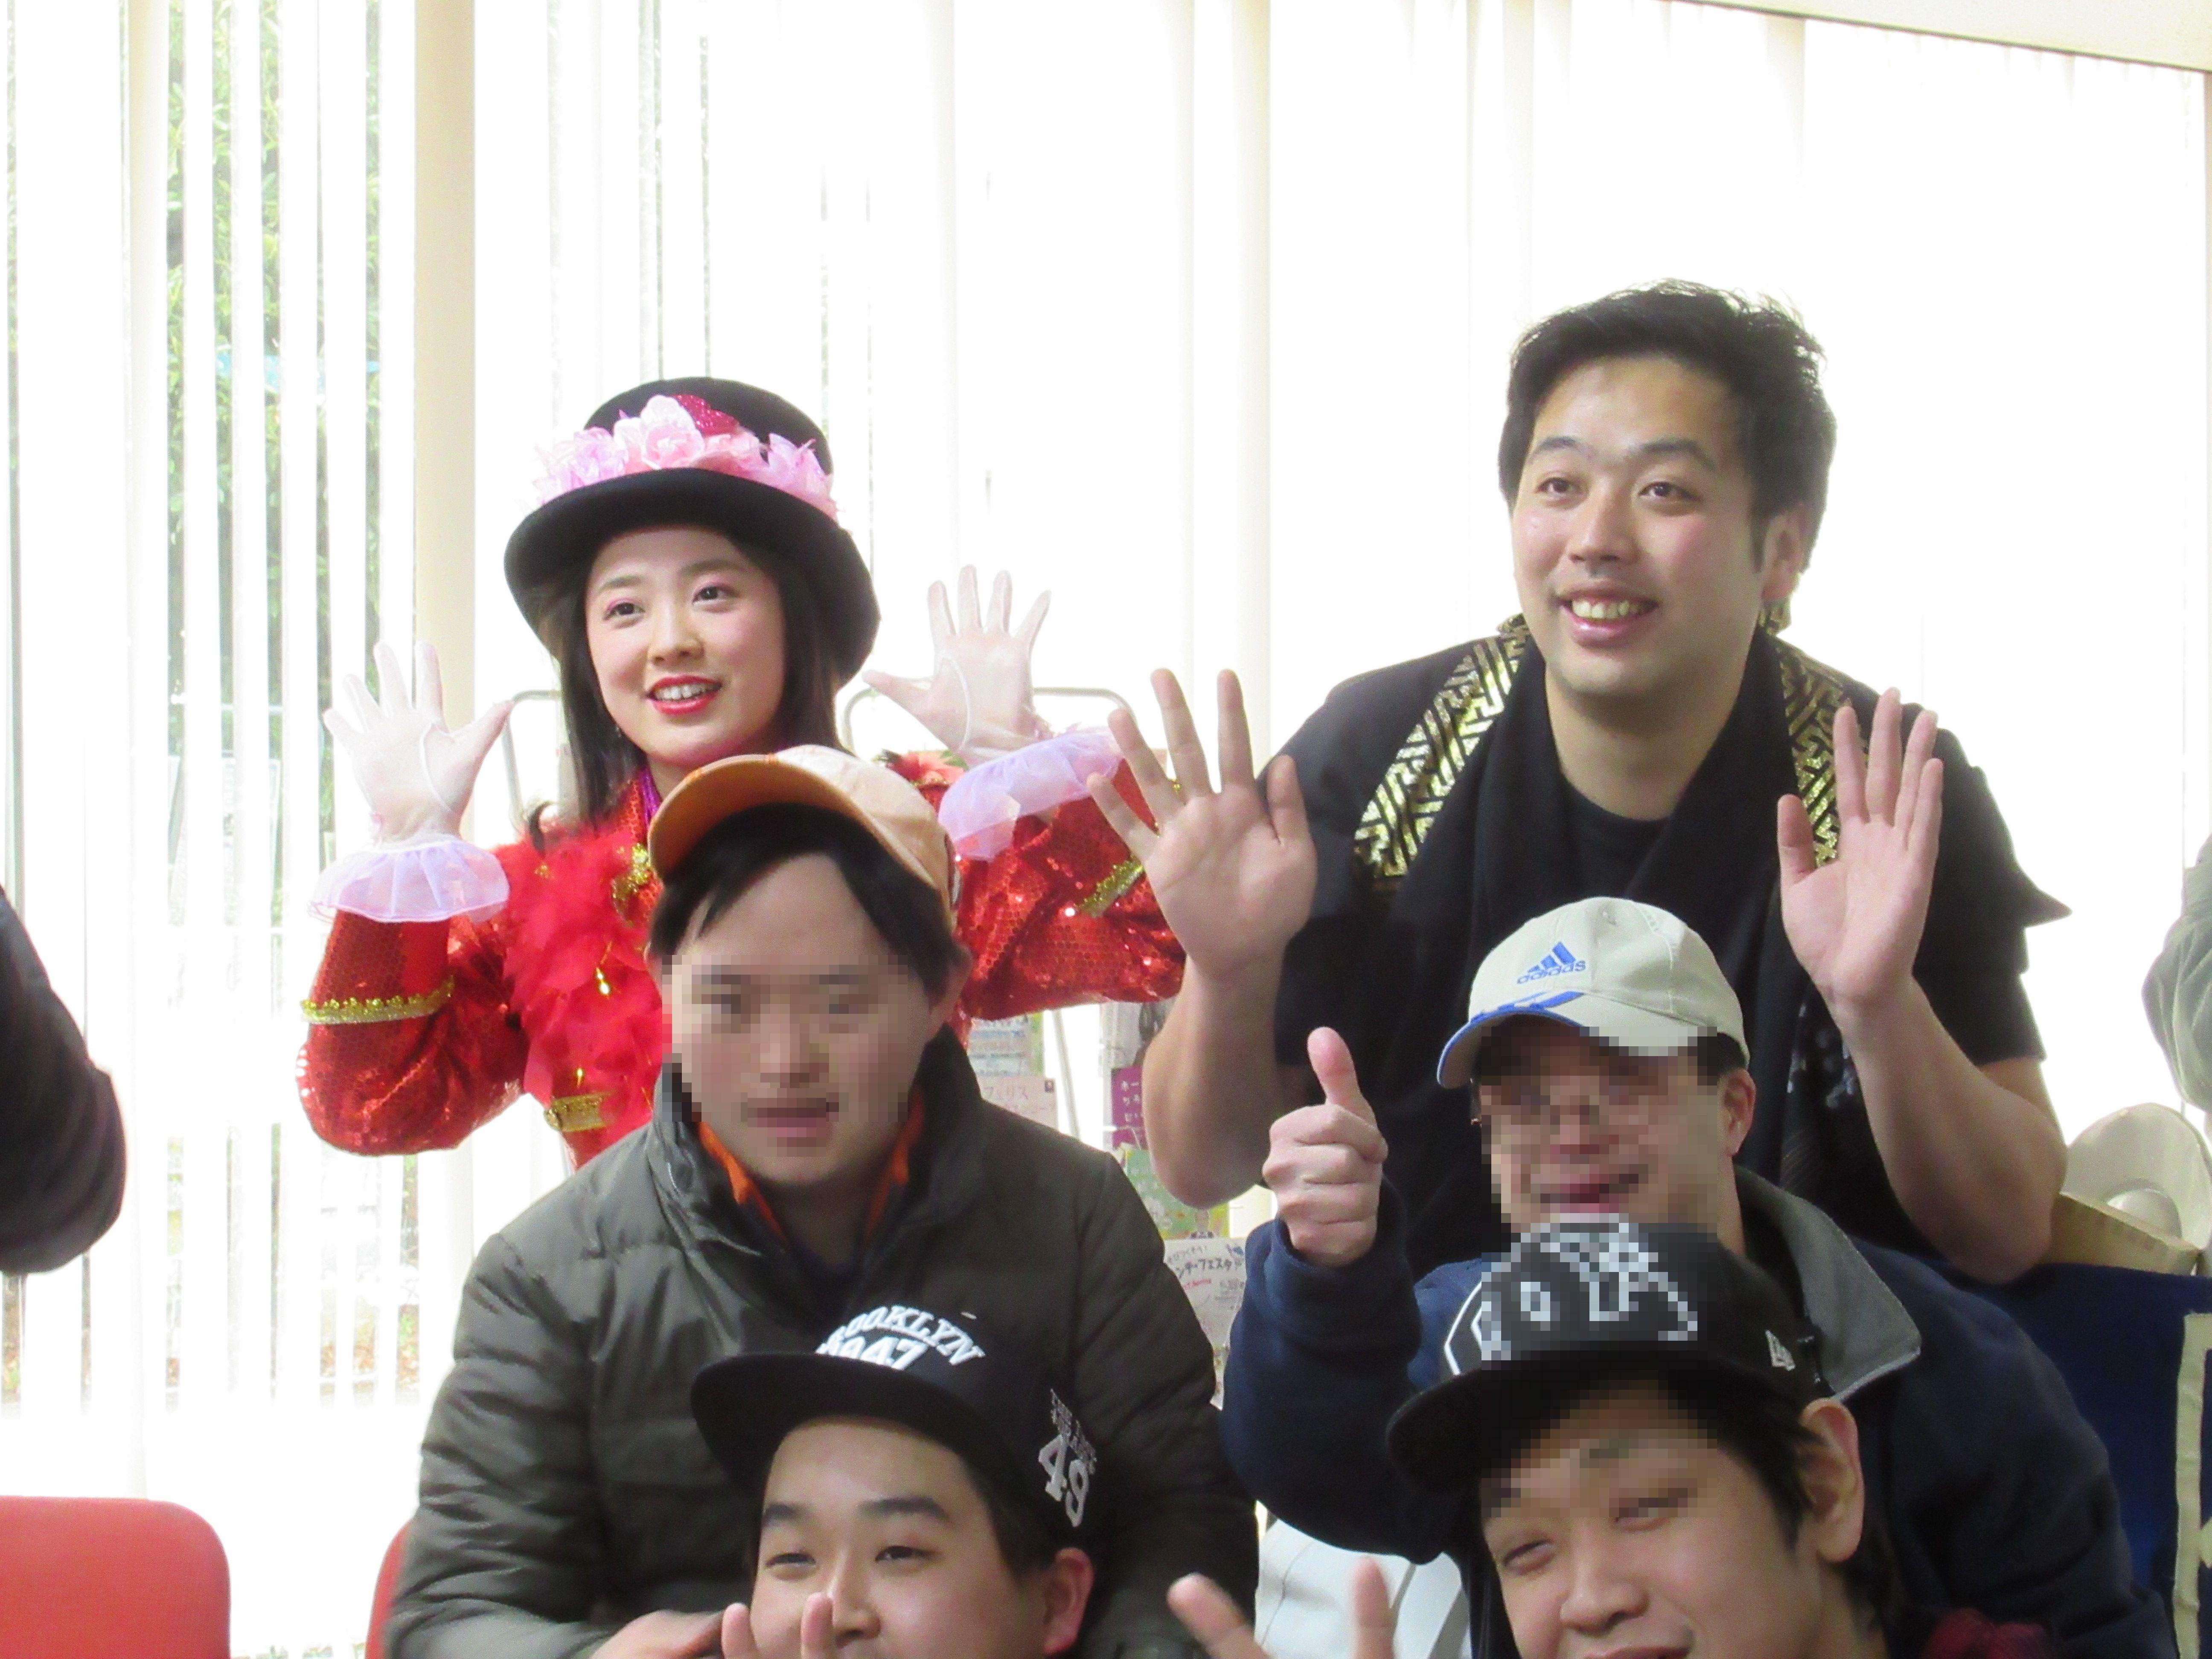 障害者施設イベント タレント出演 懐メロ歌手 大道芸人